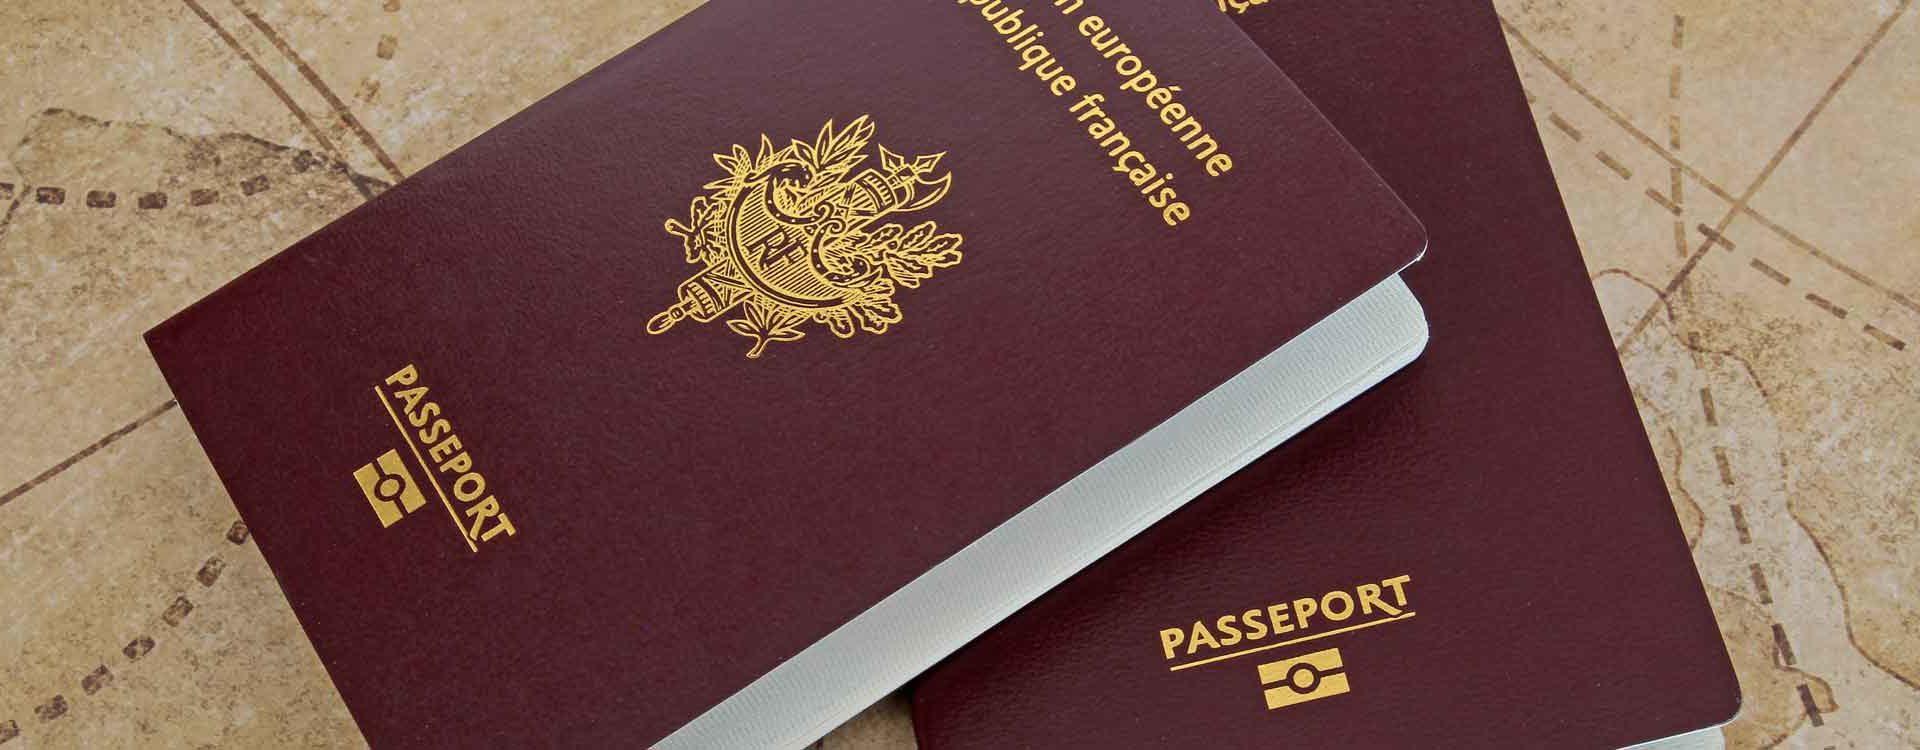 e-passport-1920x750.jpg